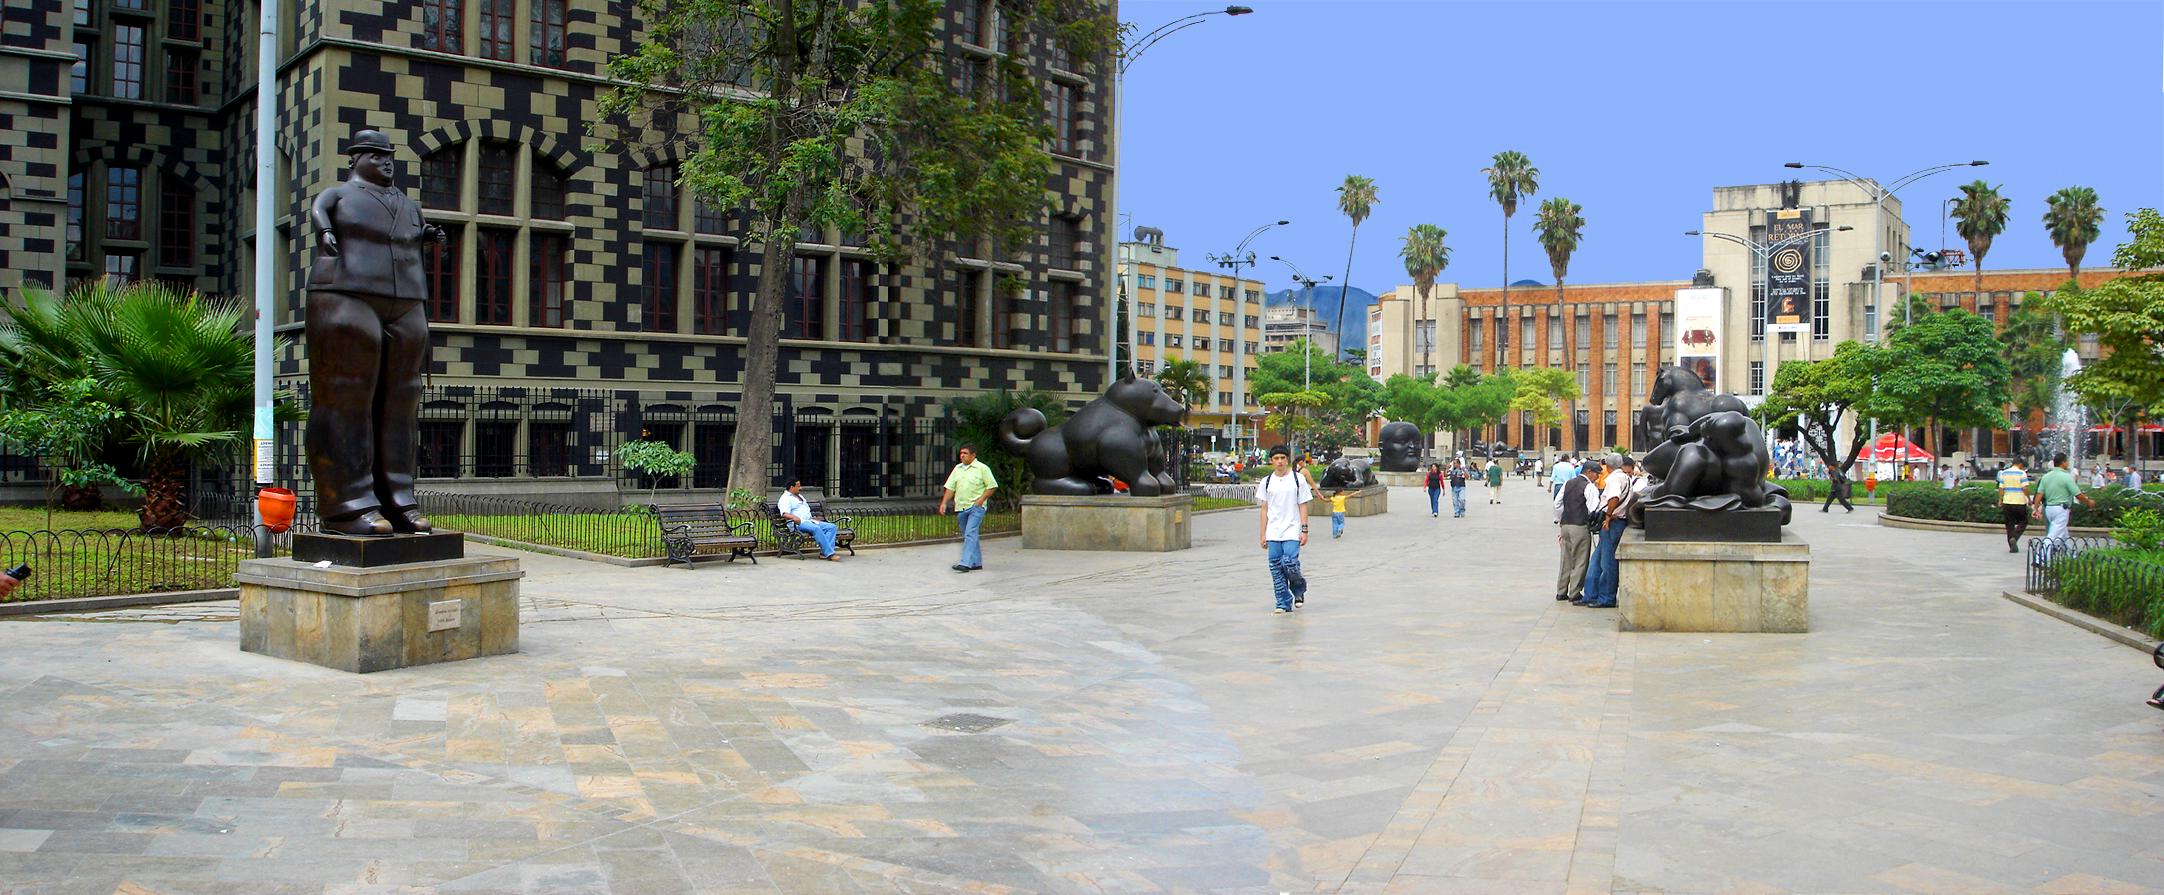 Que hacer en Medellin? Visitar el museo de Antioquia